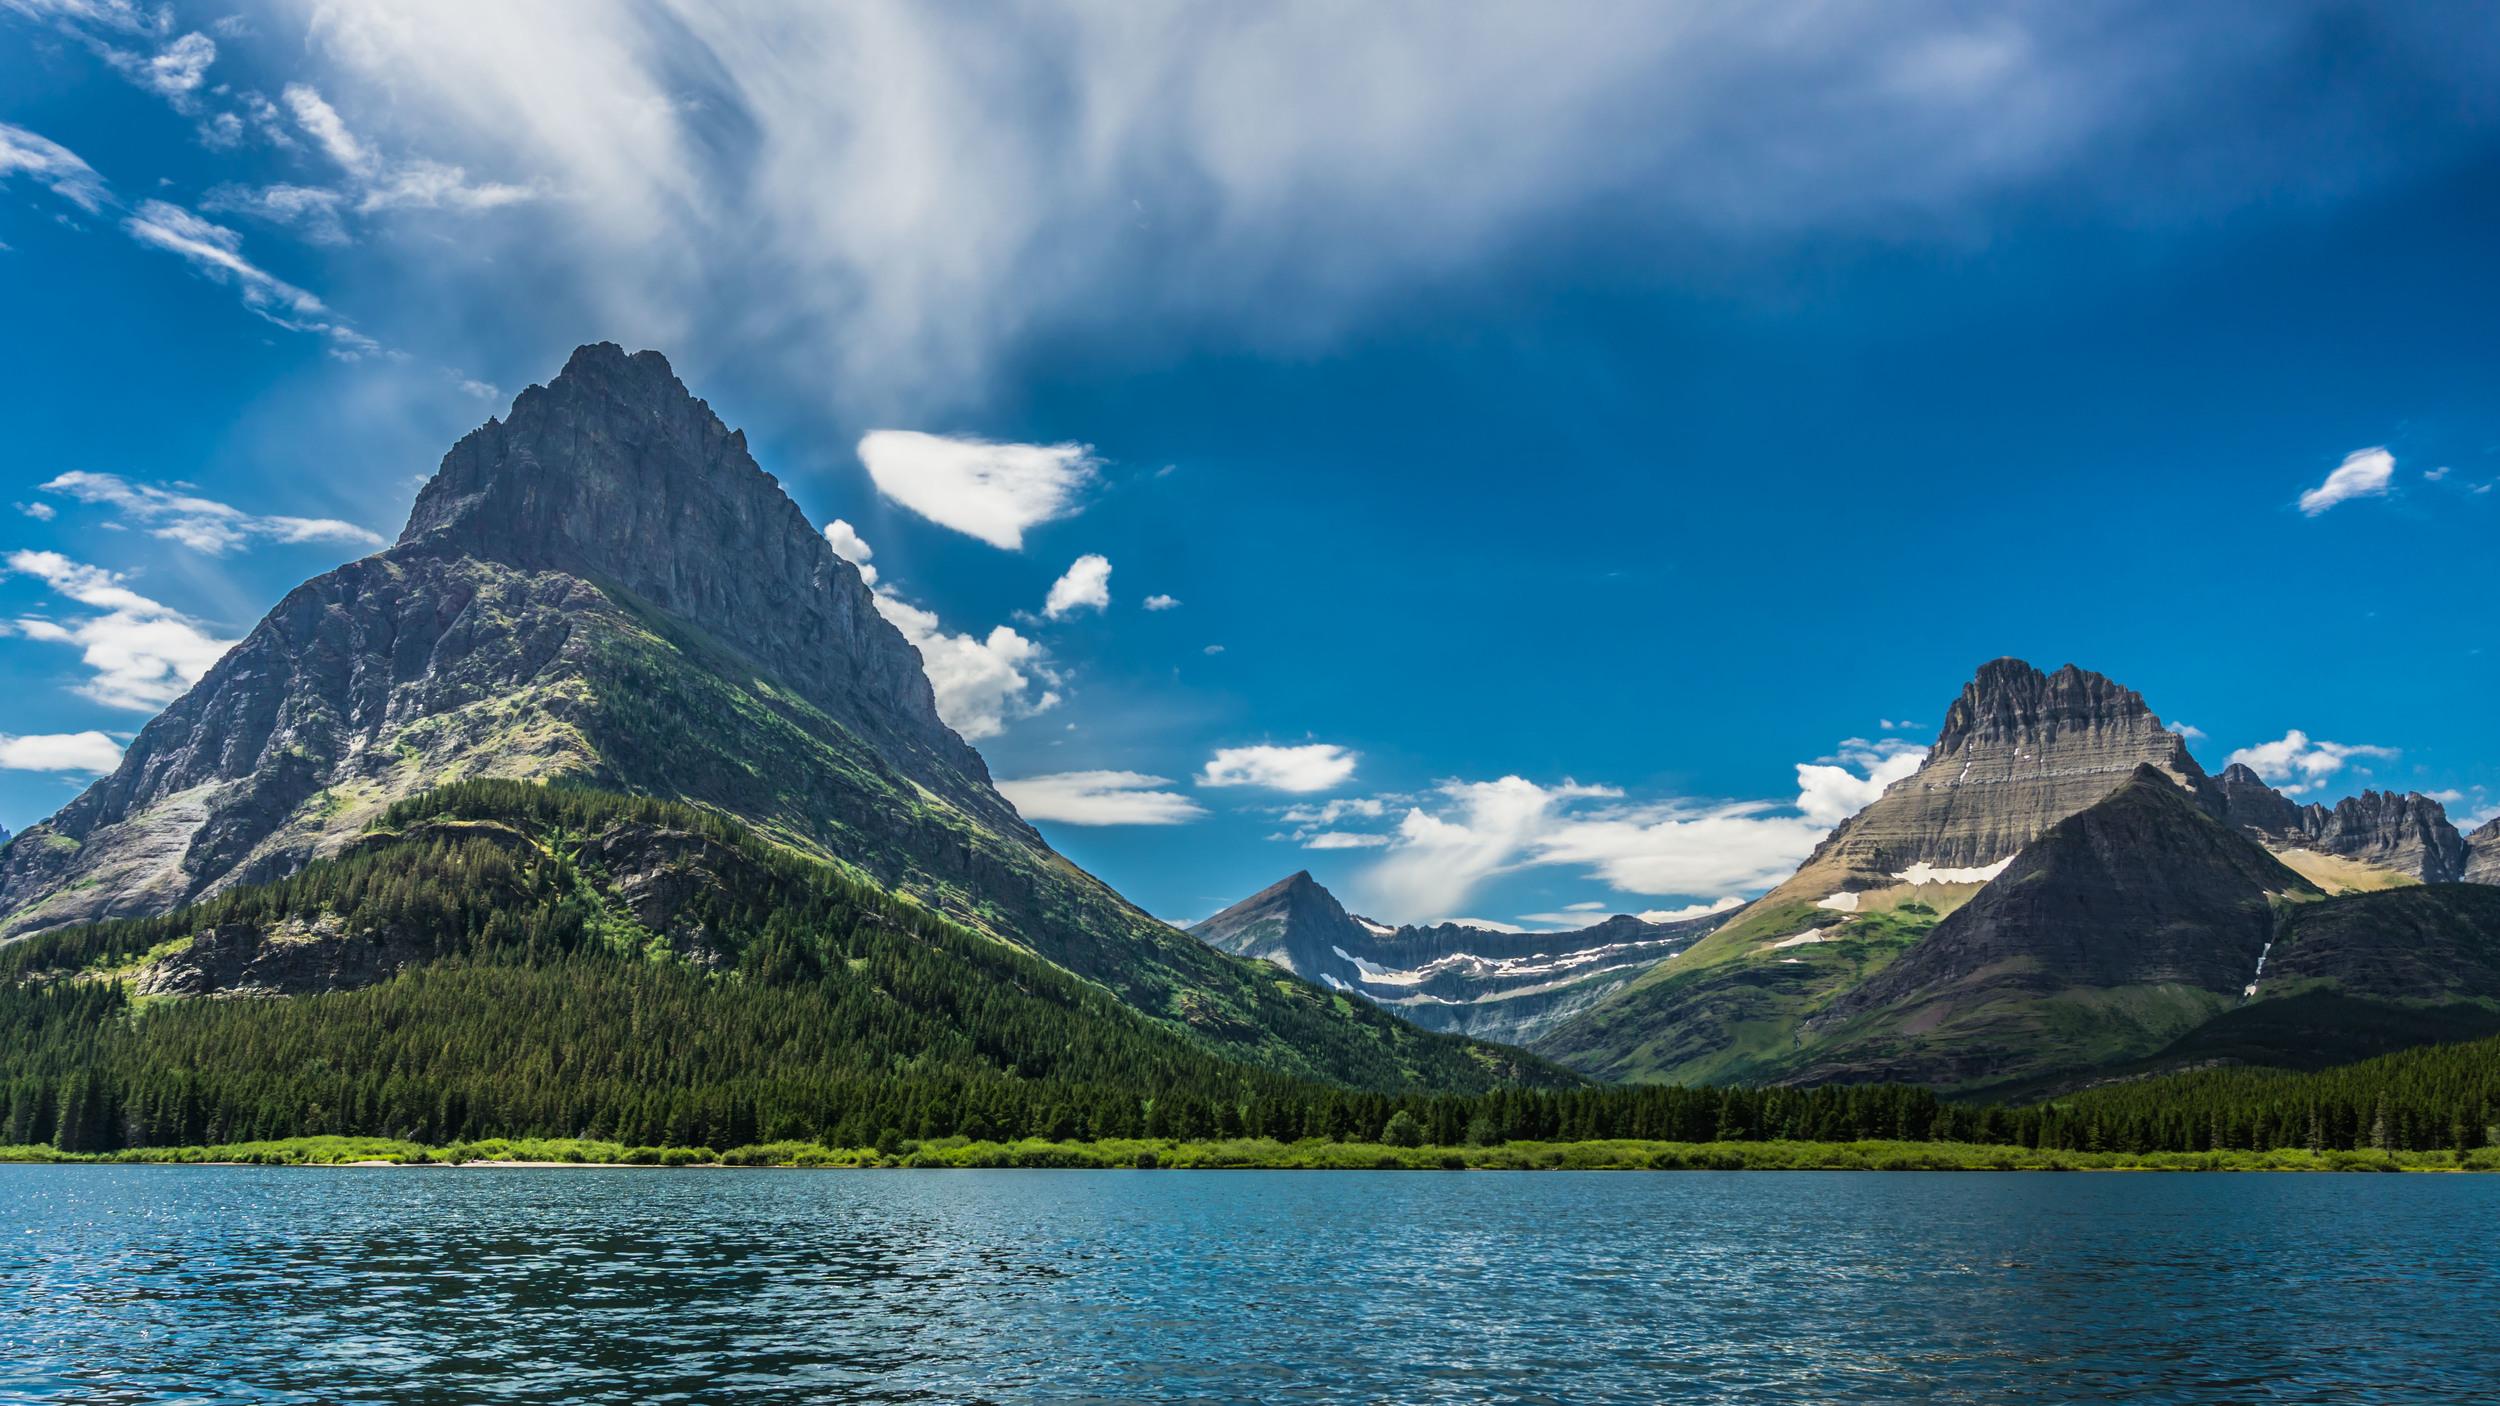 #lake #mountains #sky #glacier #nationalpark #montana #usa #glaciernps